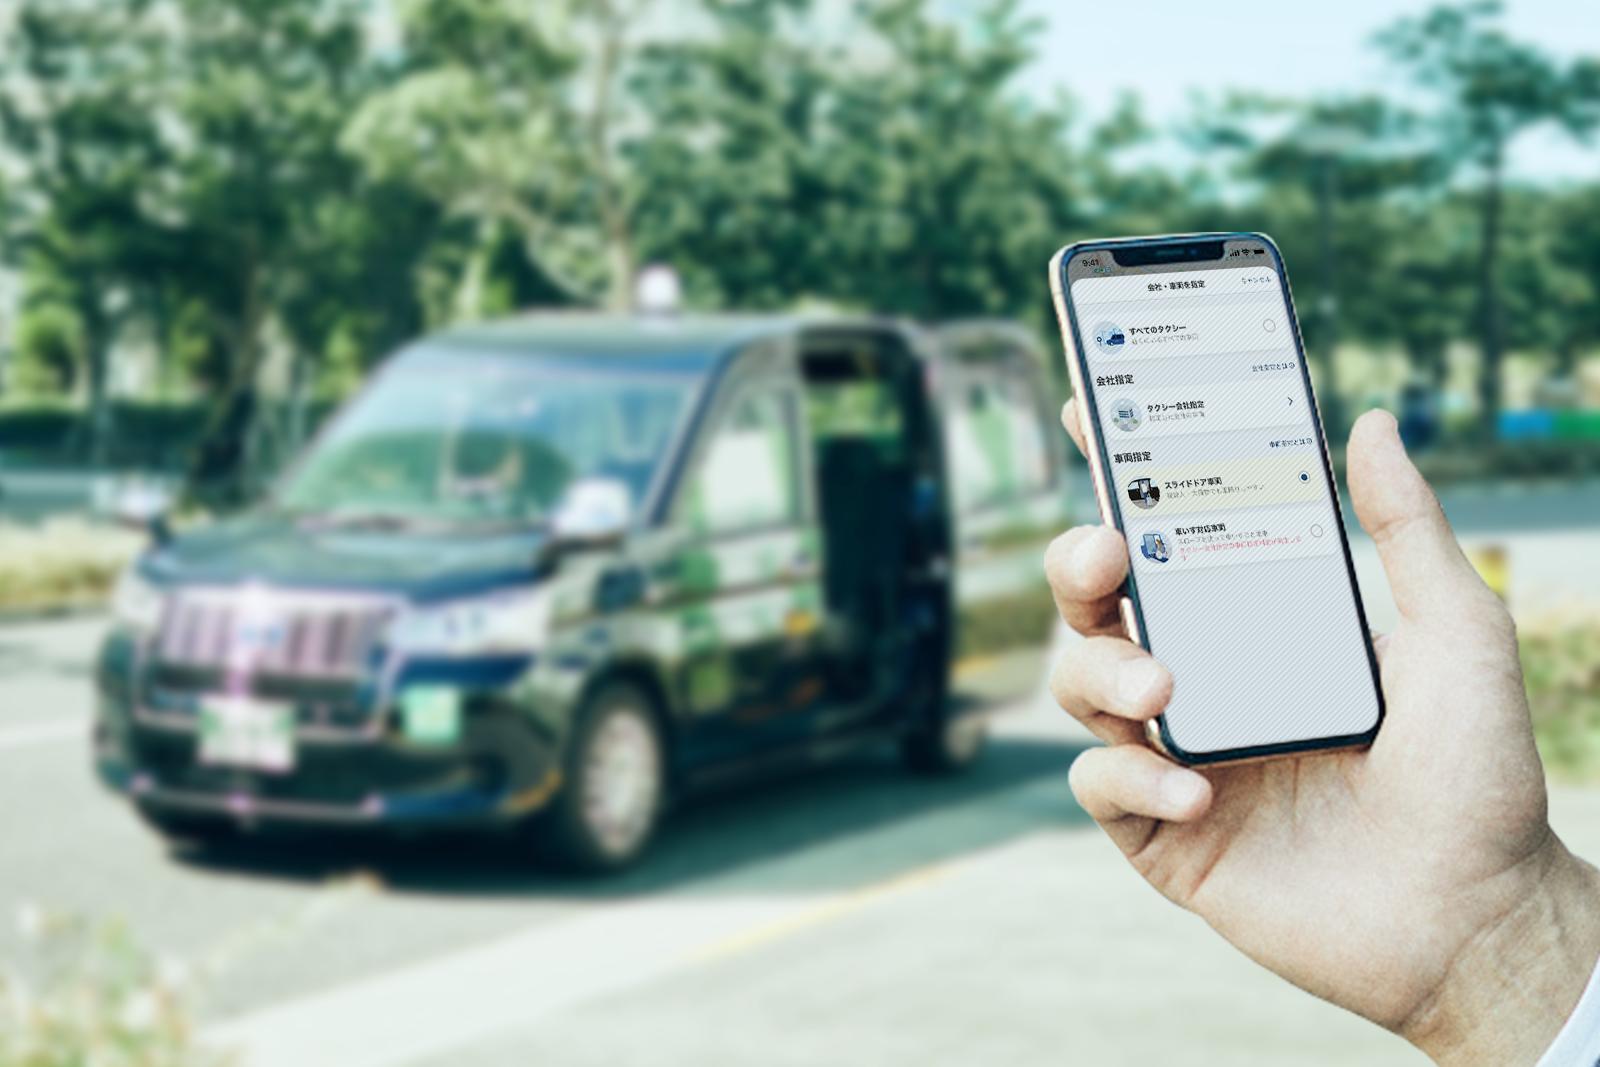 タクシーアプリ『GO』 スライドドア車両指定や、車いす指定が可能となる新機能「サービス指定」を一部エリアからスタート